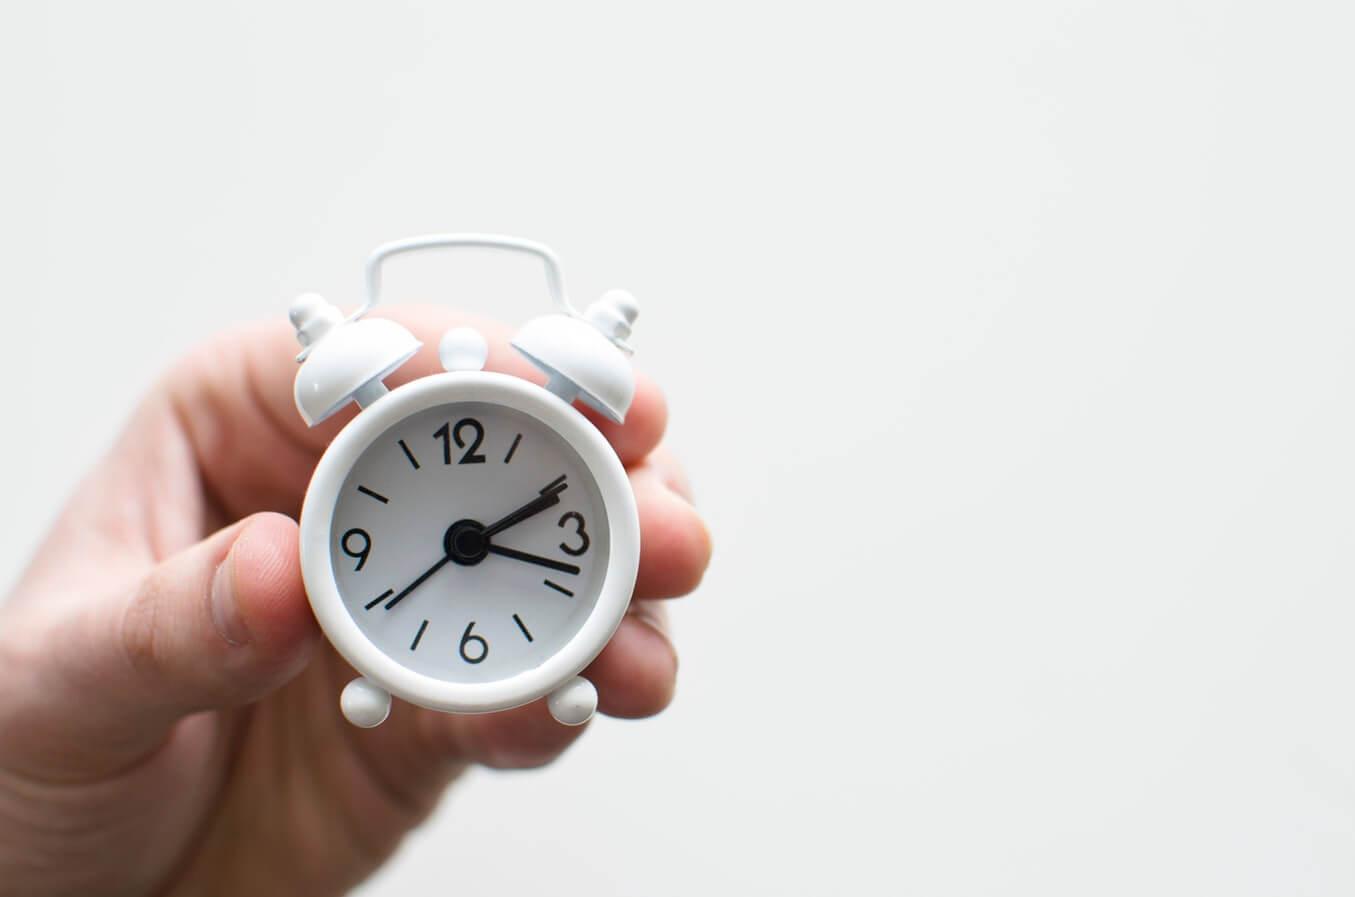 自由工作增值秘訣:善用零碎時間